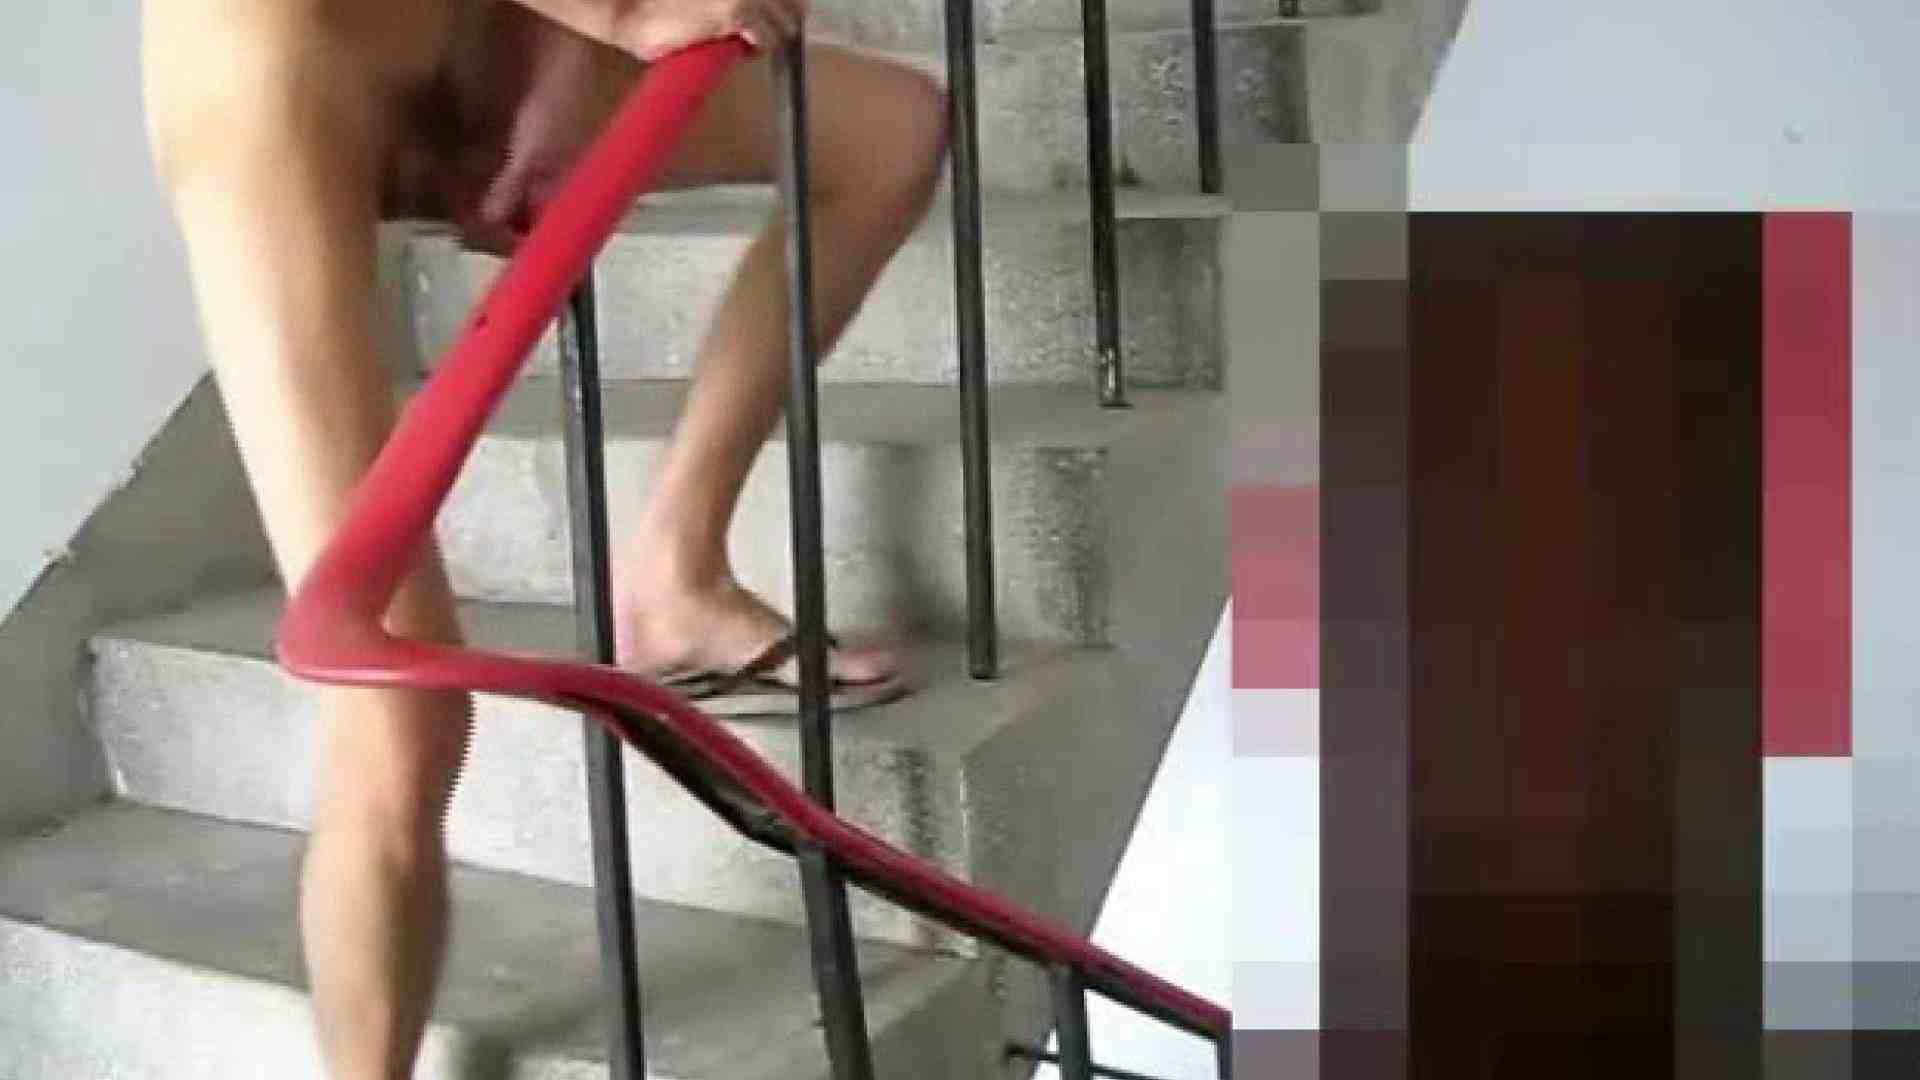 オナニー階段でシコる! オナニー編 ゲイ無修正ビデオ画像 62枚 47